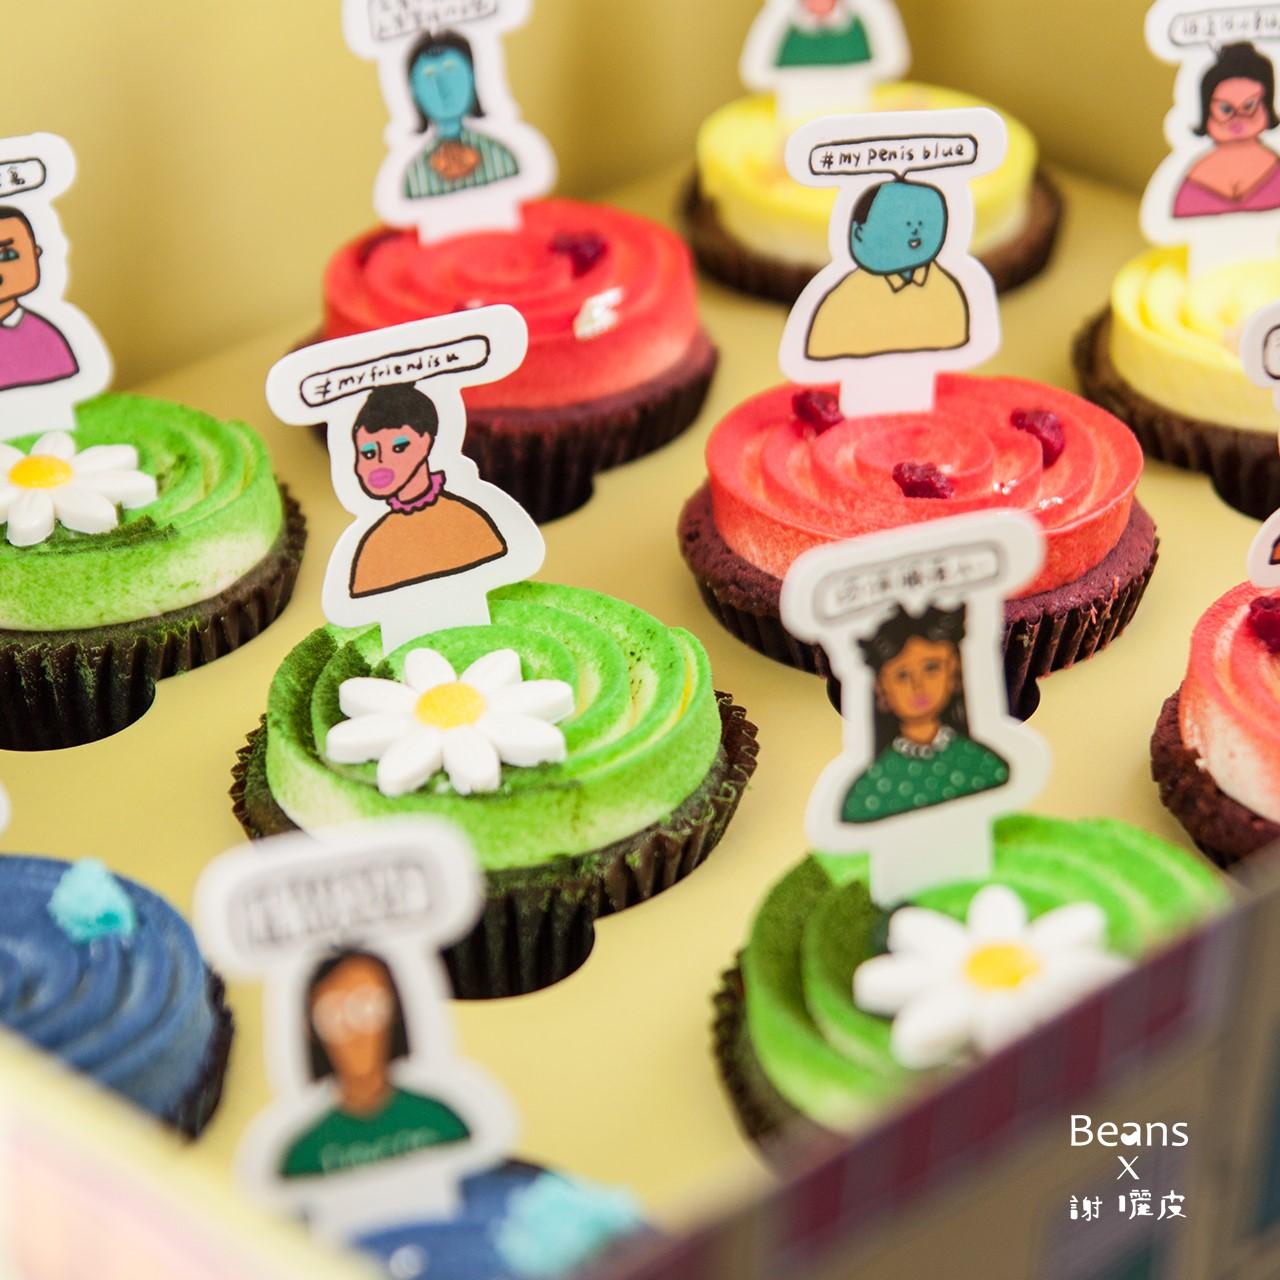 派散水餅注意4事項? 15間人氣餅店、IG網店獨立包裝散水餅及散水禮物! 散水餅